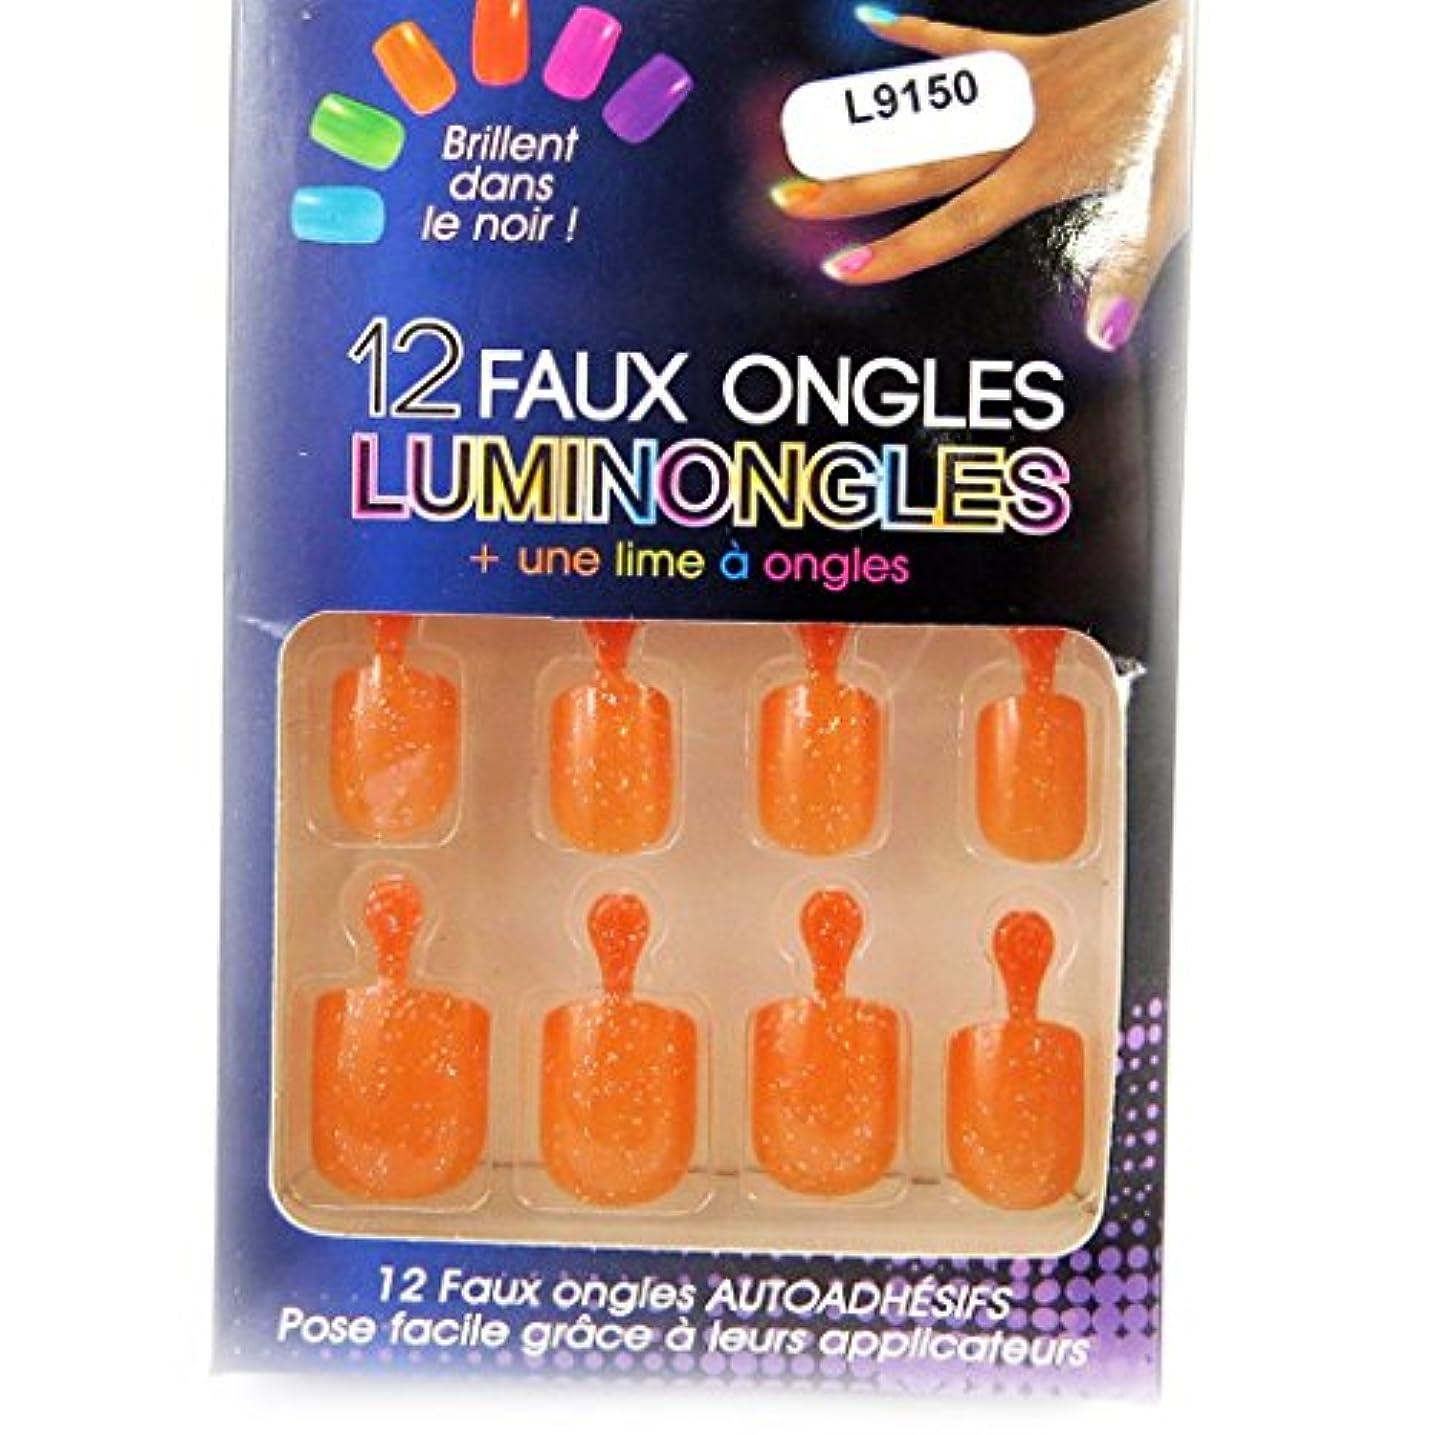 ファックス気がついて言い聞かせる[リリーの宝 (Les Tresors De Lily)] (Luminongles コレクション) [L9150] アクリルスカルプチュア オレンジ